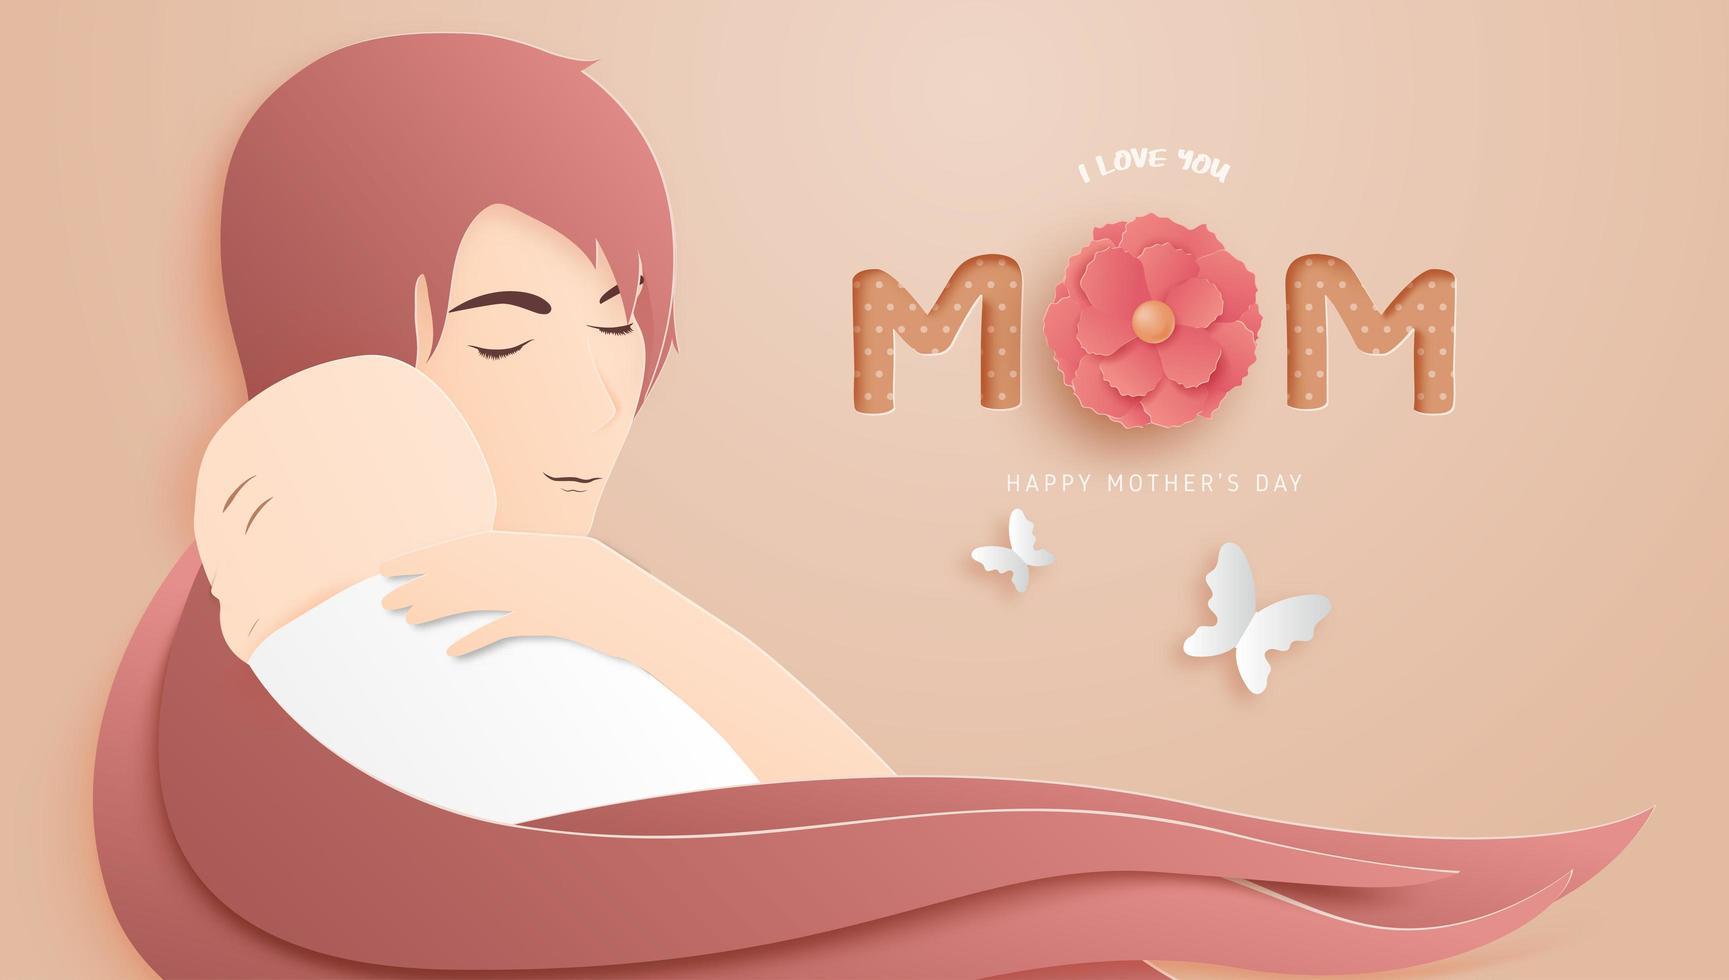 arte della carta poster festa della mamma con mamma che abbraccia bambino vettore